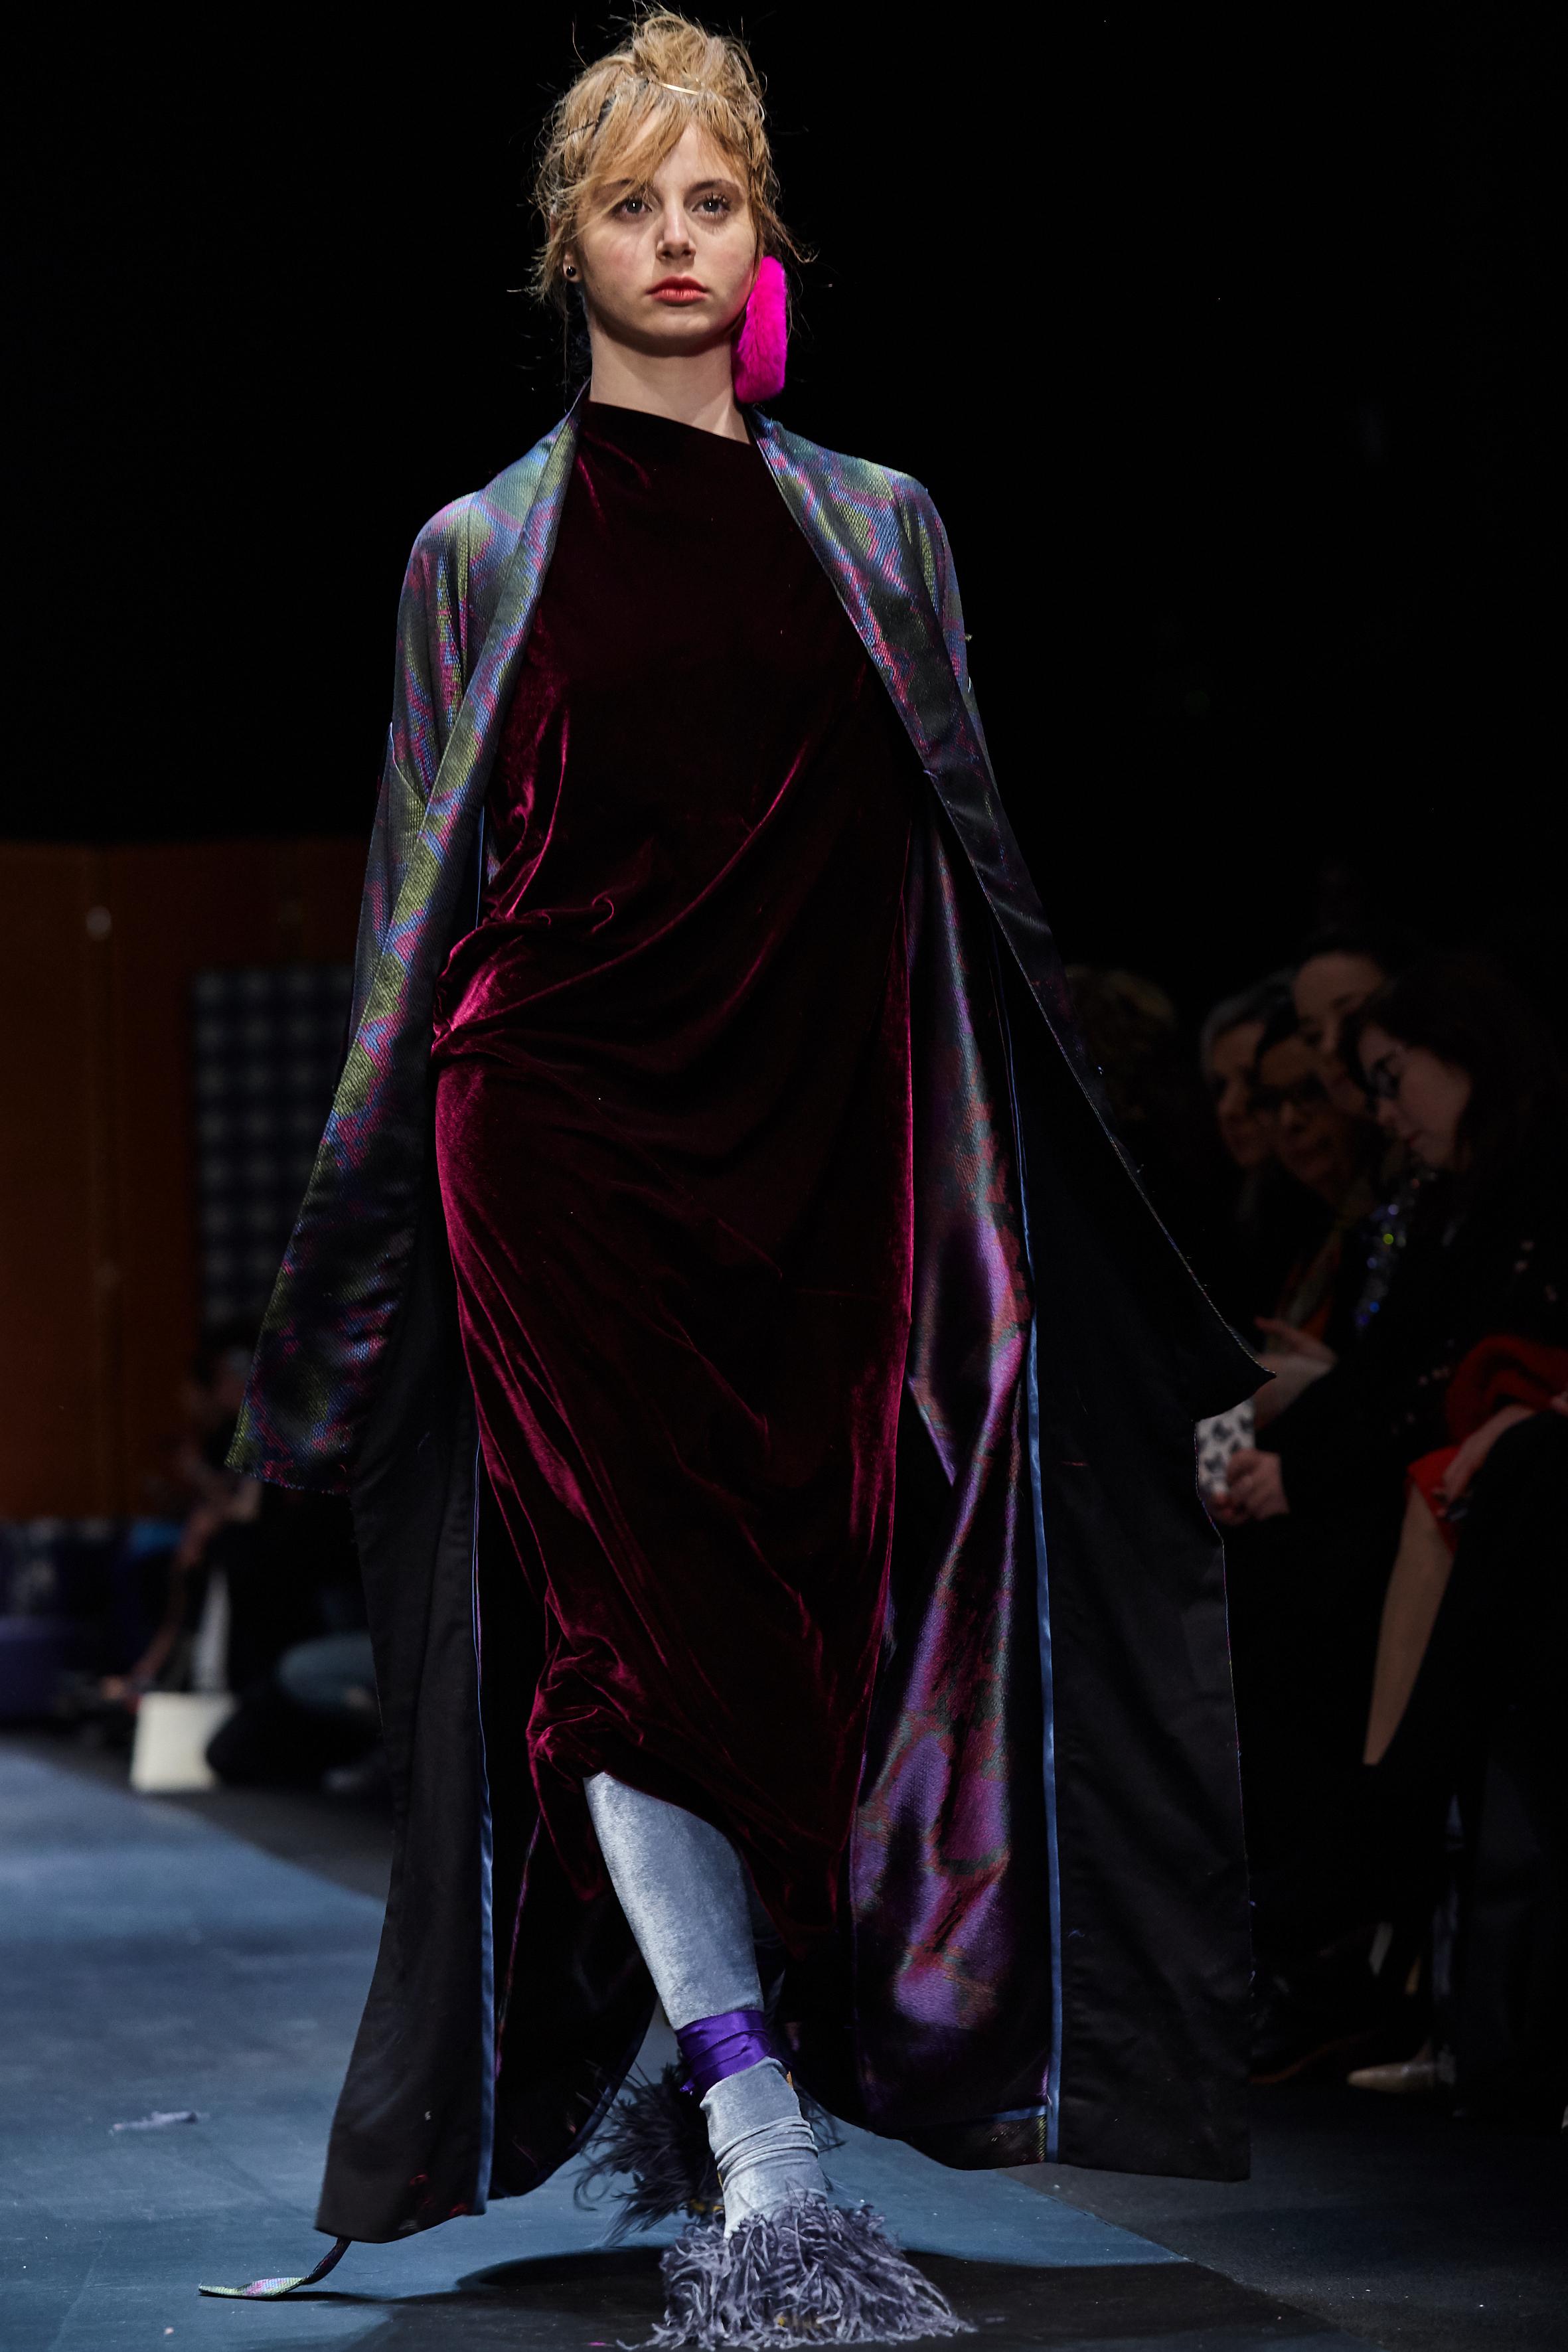 Looks_DawidTomaszewski_FashionWeekAW2018-19_HeidiRondak 141.jpg